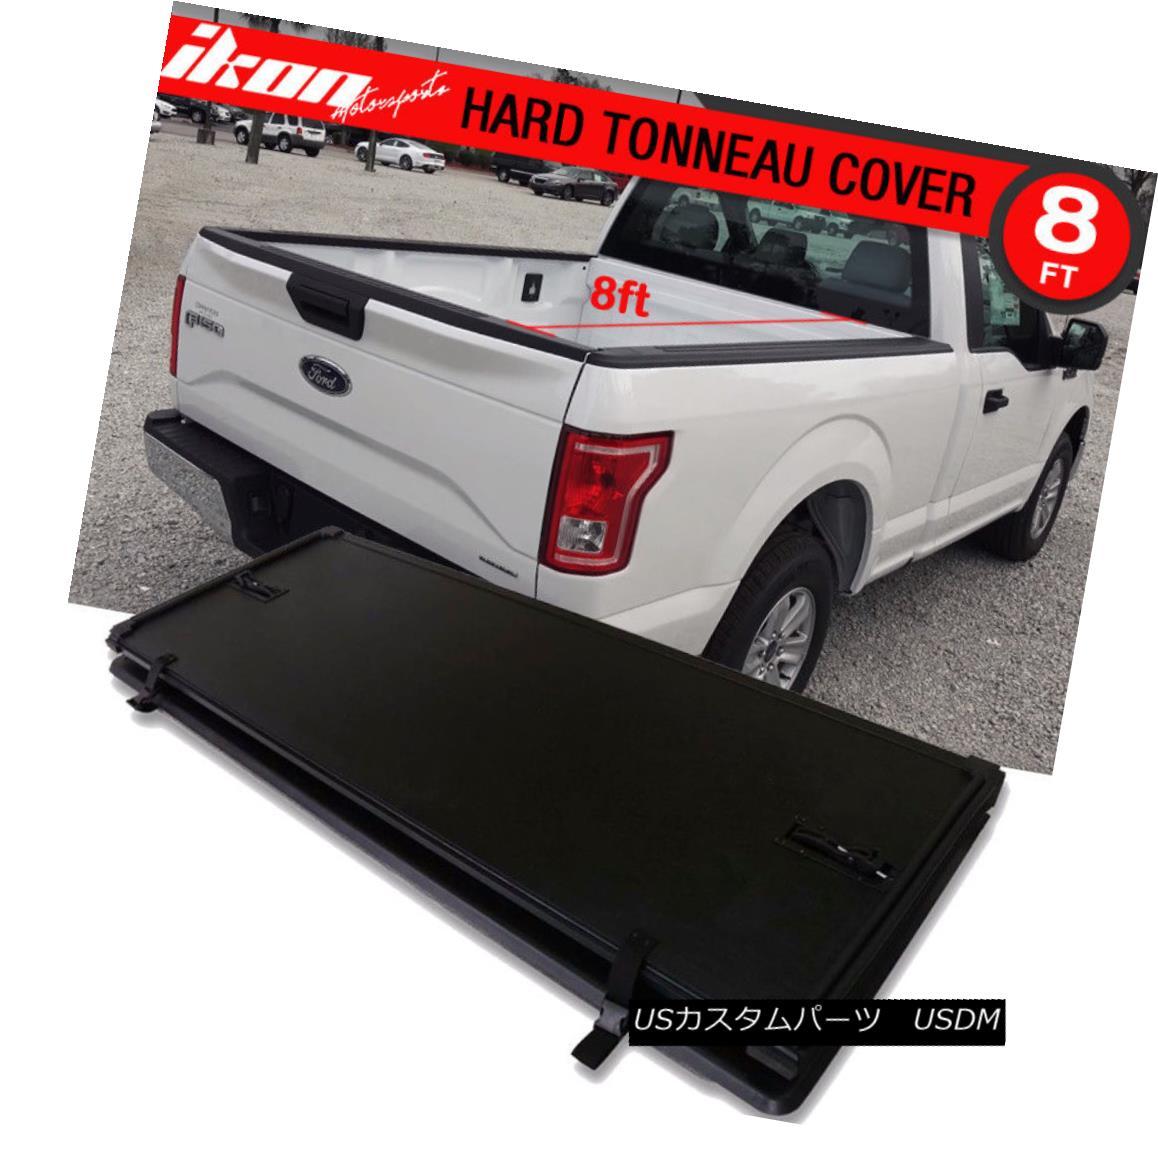 エアロパーツ For 15-17 Ford F-150 8ft /96inch Long Bed Lock Tri-Fold Hard Solid Tonneau Cover 15-17フォードF-150 8ft / 96inchロングベッドロックトライフォールドハードソリッドトノーカバー